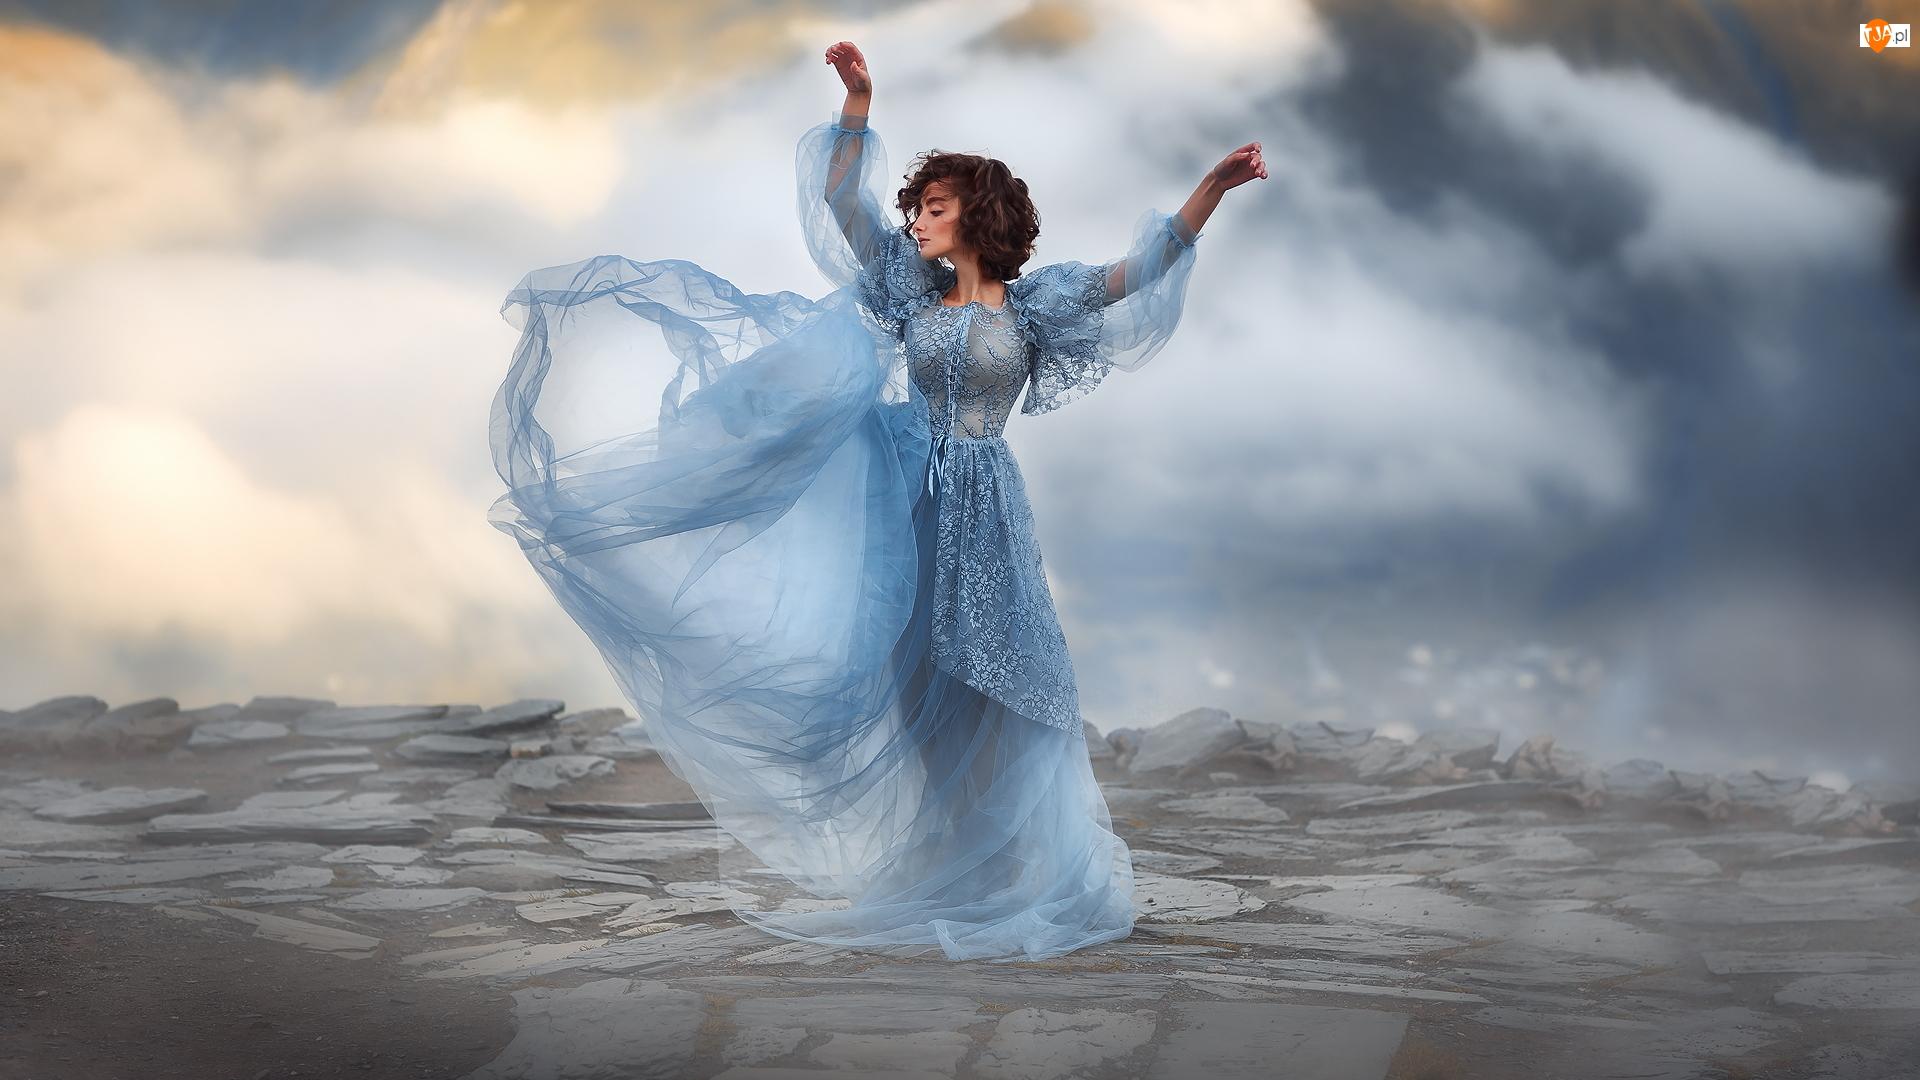 Sukienka, Kobieta, Szatynka, Niebieska